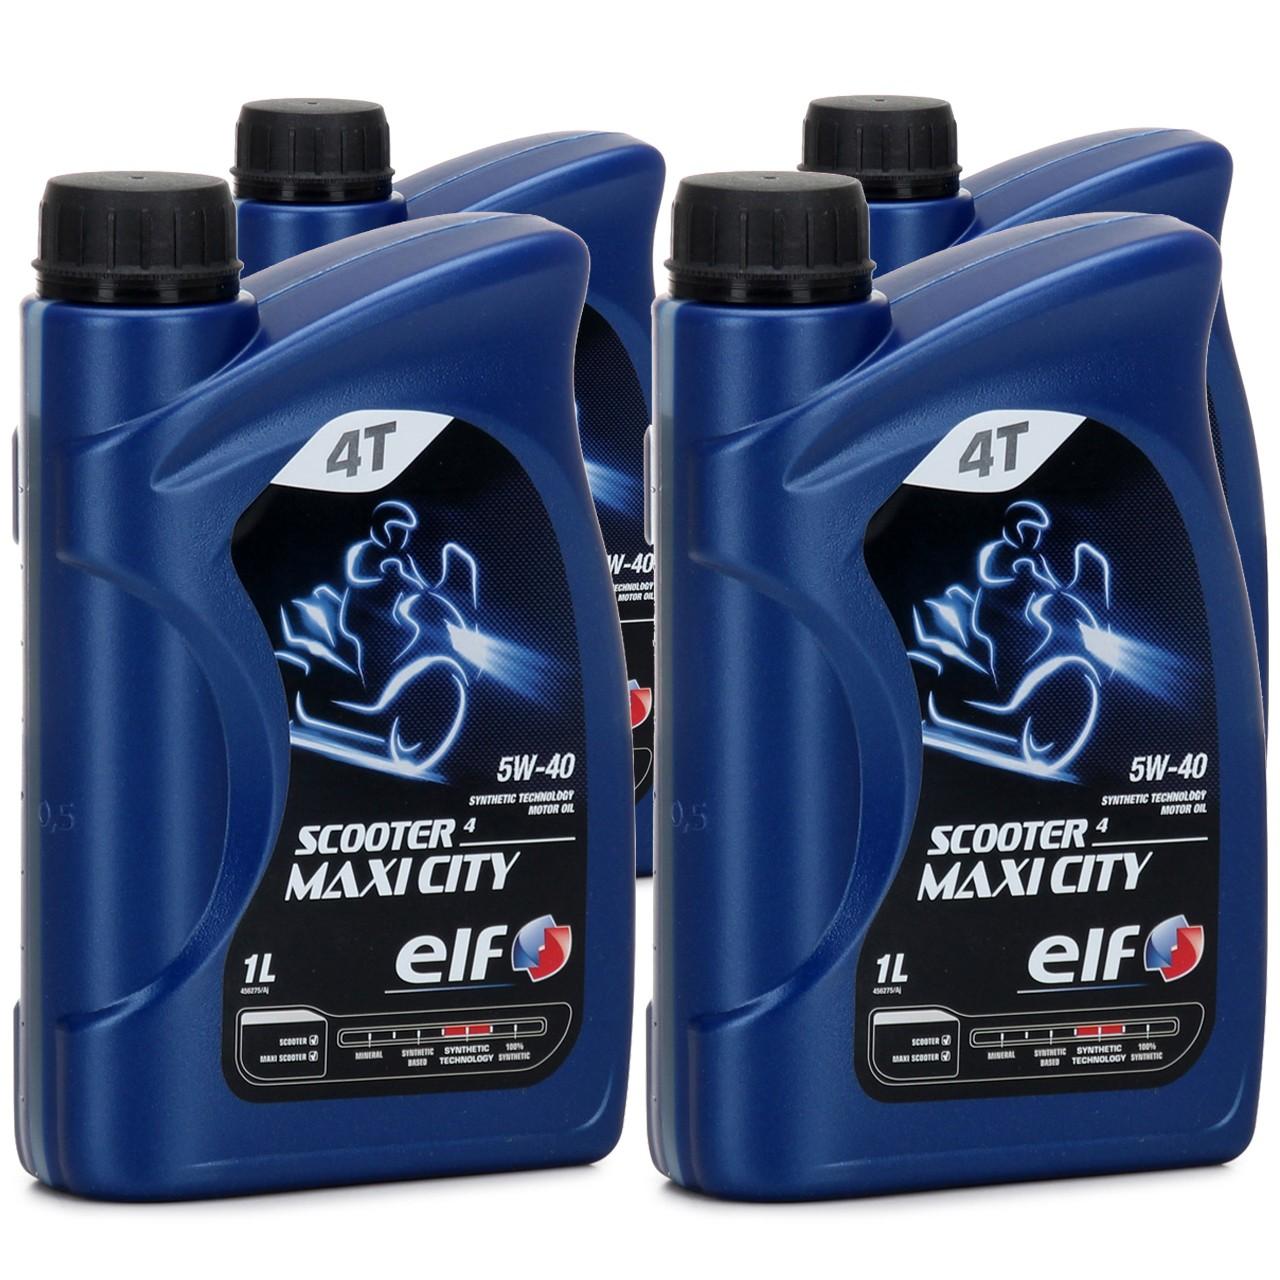 ELF Motoröl ÖL 4T 4-TAKT SCOOTER 4 MAXI CITY 5W-40 5W40 API SL - 4L 4 Liter